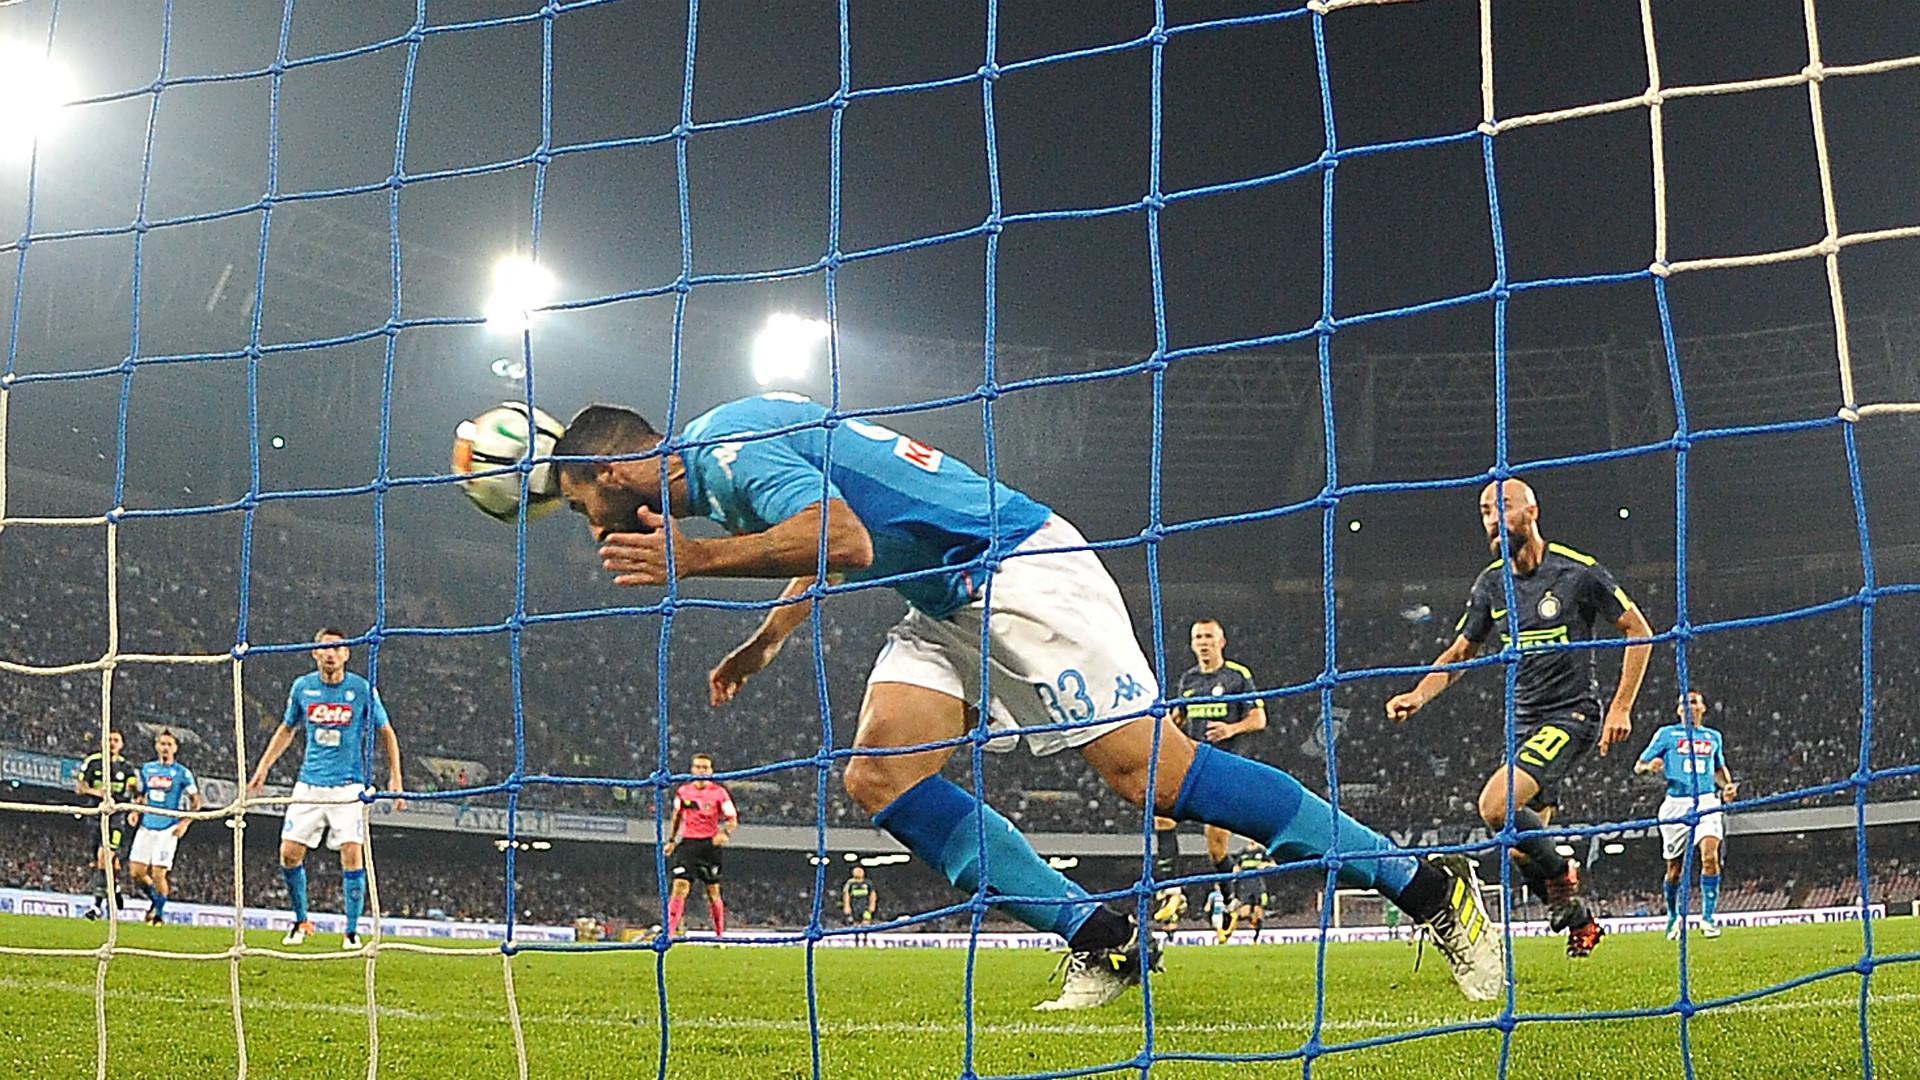 Il Napoli senza Albiol perde il primato di miglior difesa: i numeri